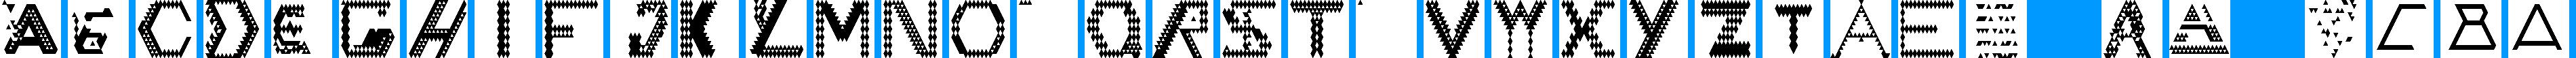 Particip-a-type v.202